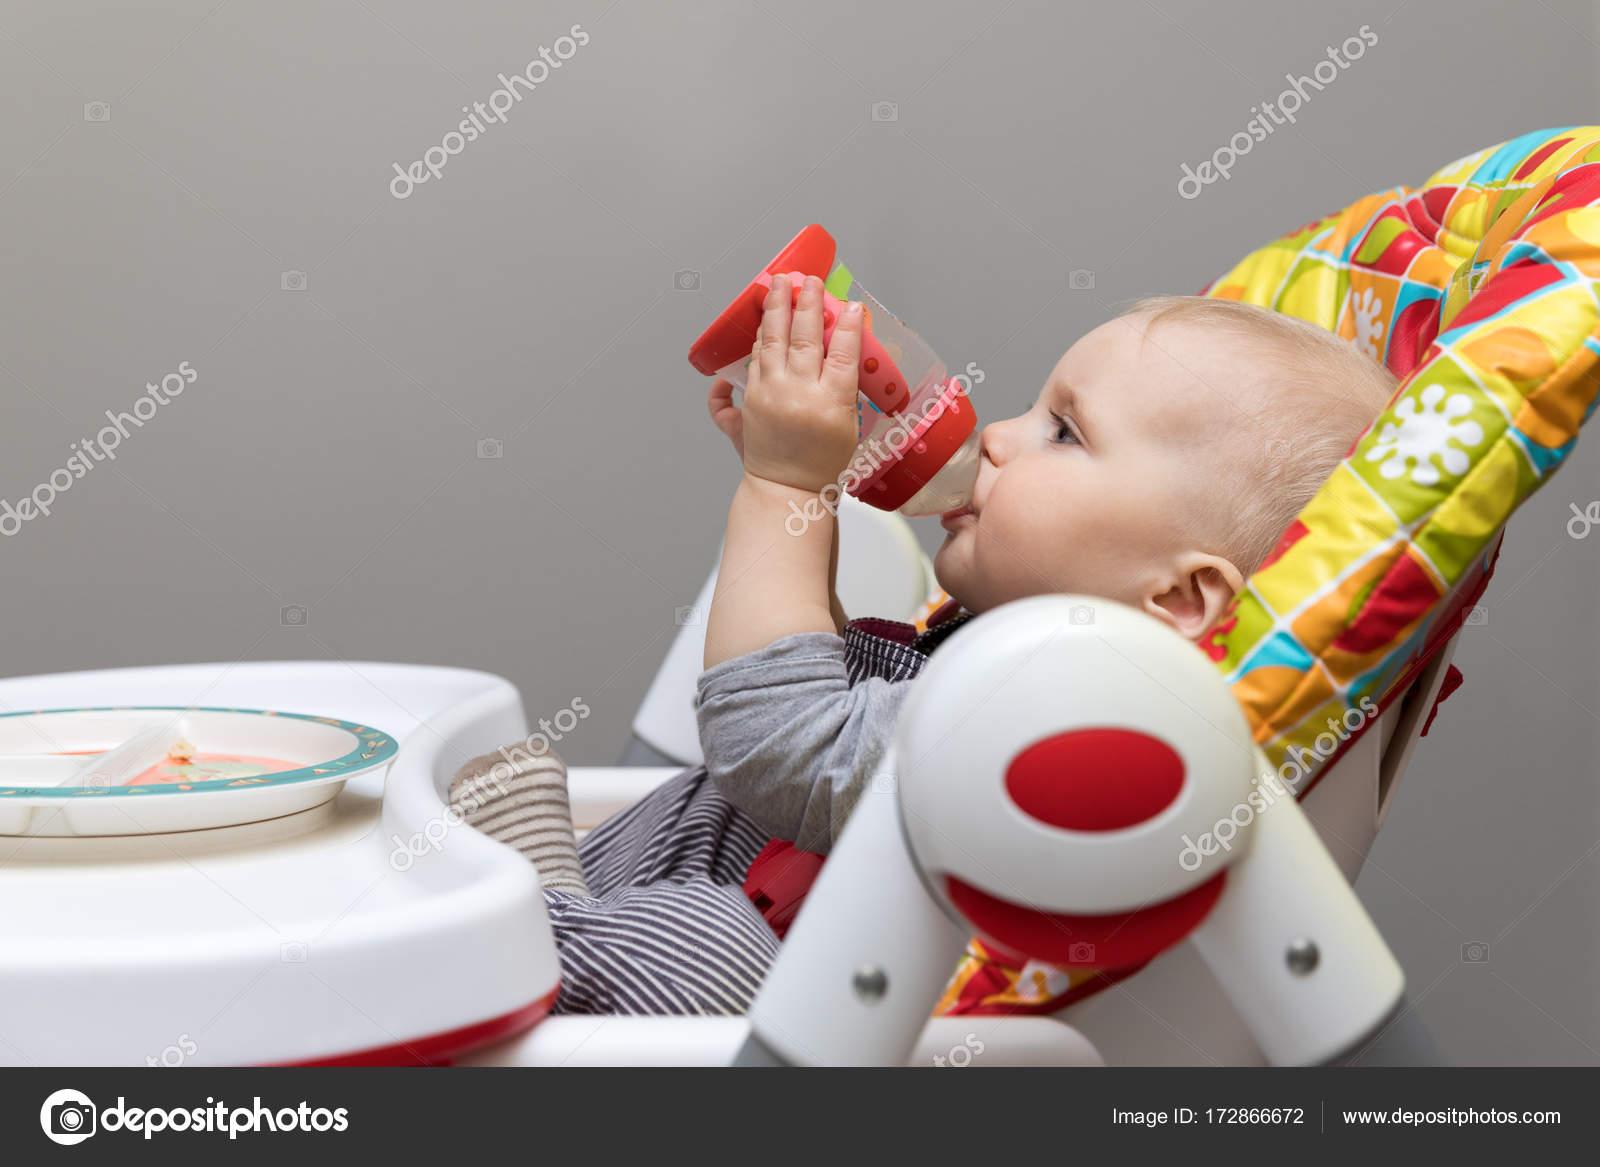 Baby Zitten Stoel.Baby Zitten In De Stoel En Drinkwater Uit Fles Voeding Stockfoto